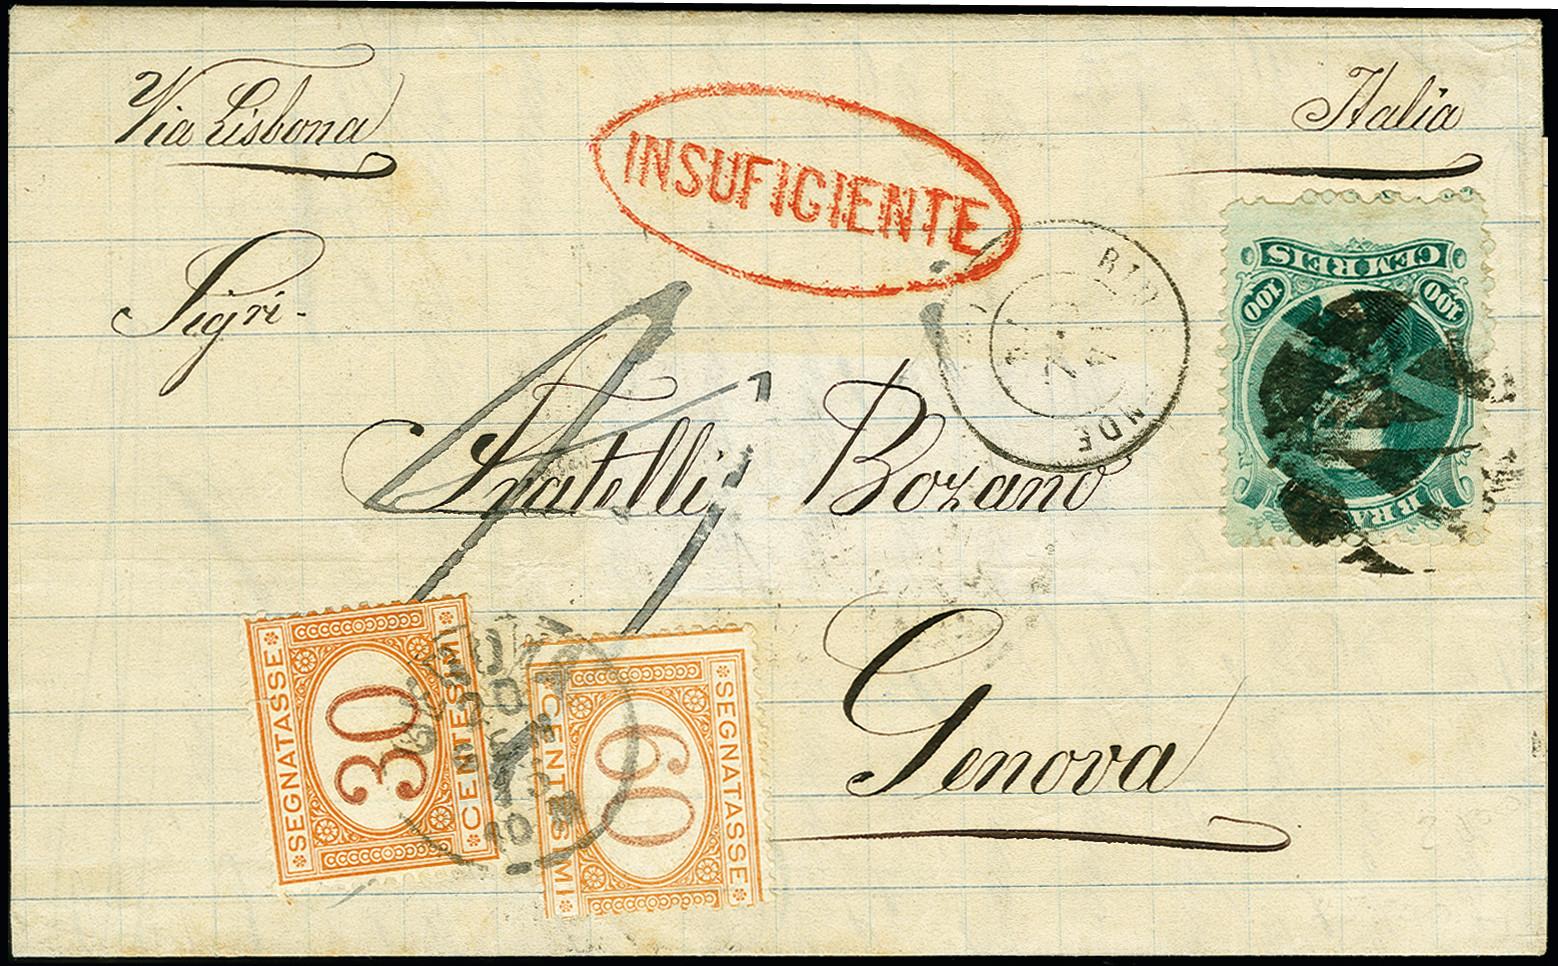 Lot 1561 - übersee brazil -  Heinrich Koehler Auktionen 375rd Heinrich Köhler auction - Day 1